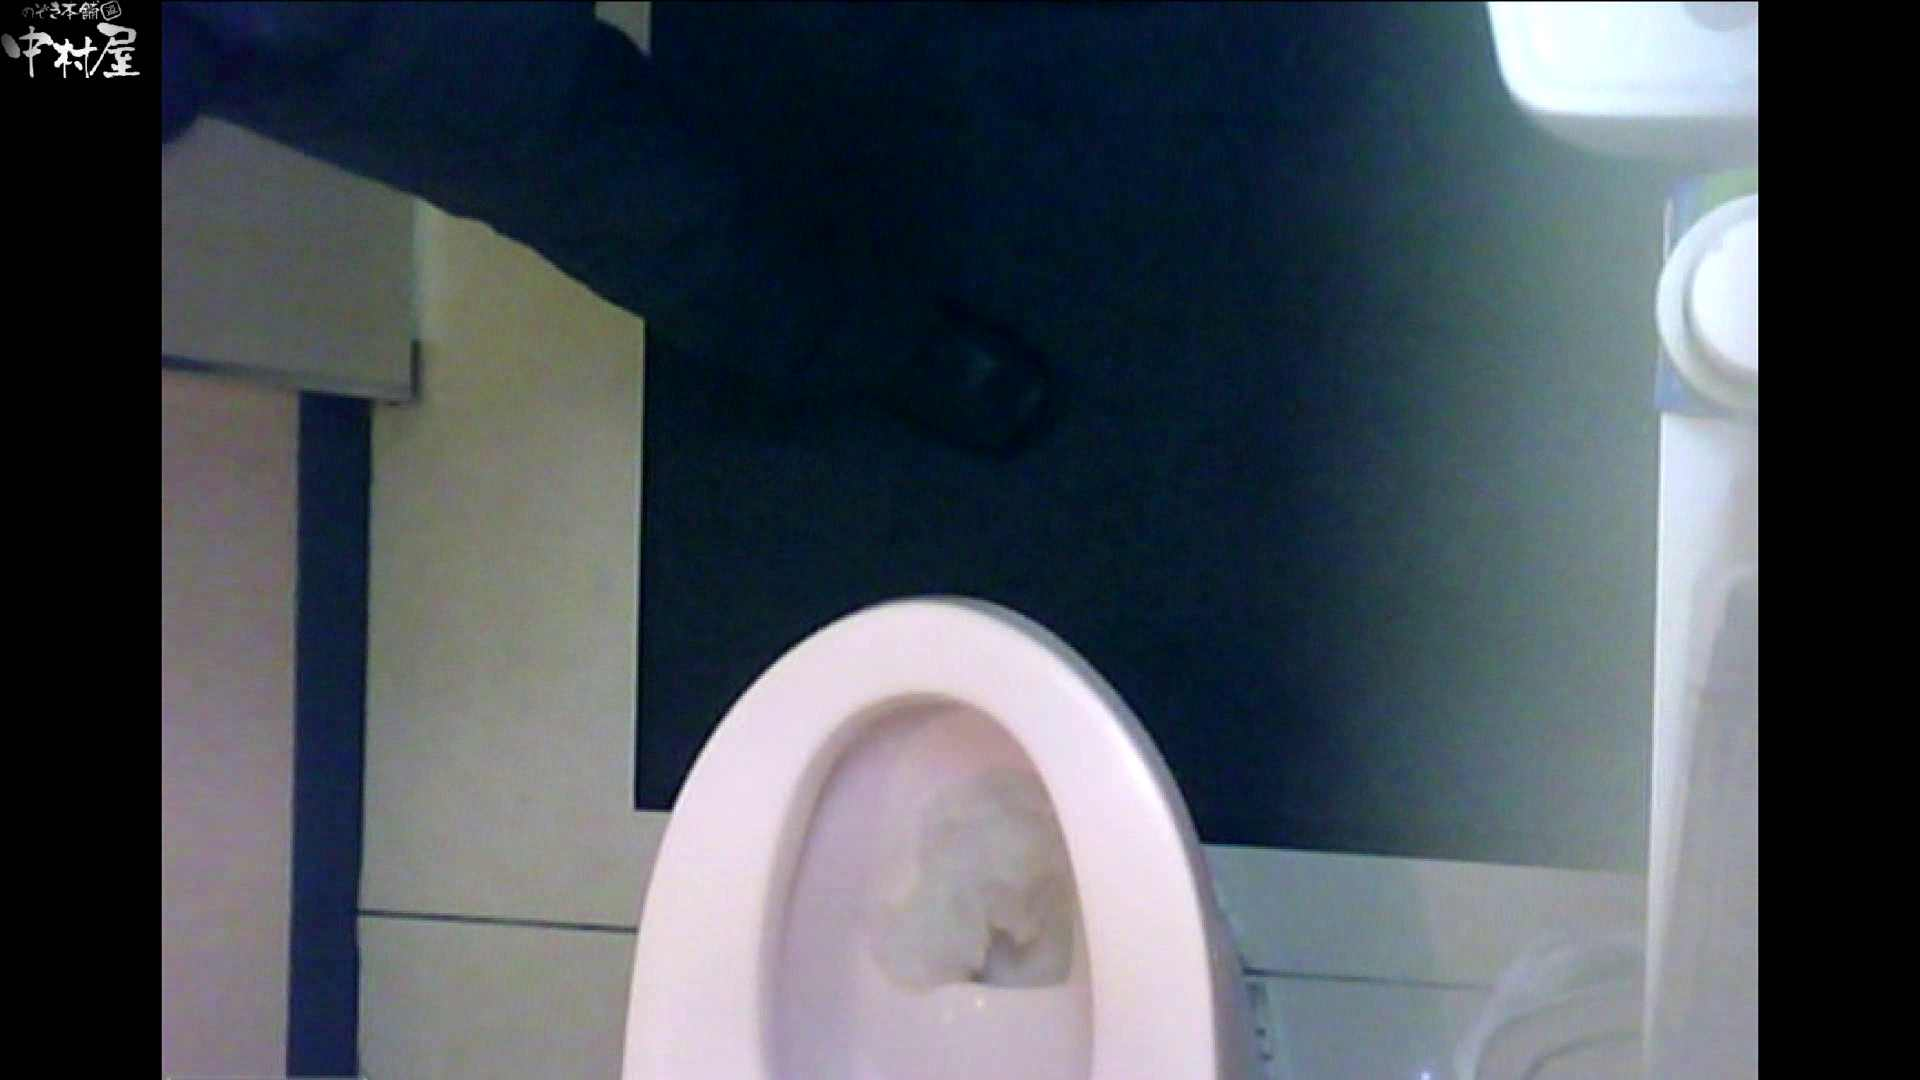 三つ目で盗撮 vol.44 美しいOLの裸体   マンコ・ムレムレ  92pic 81